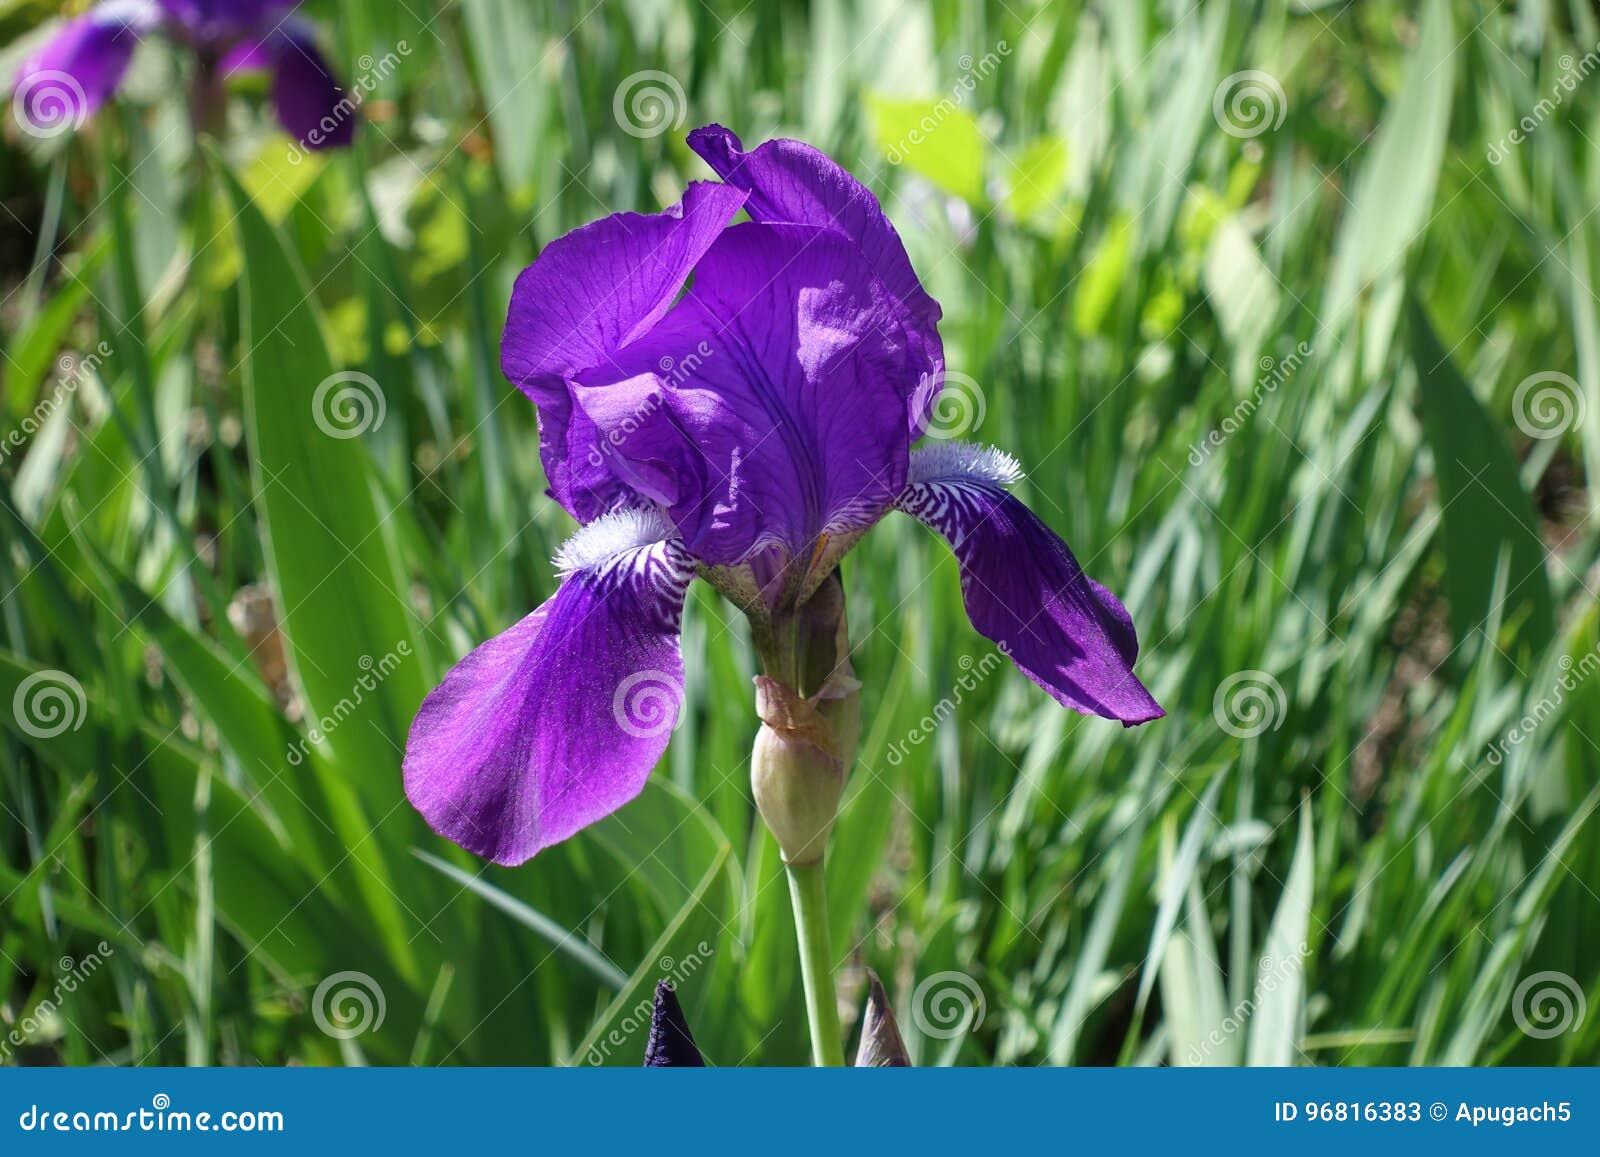 Choisissez La Fleur Violette De L Iris Barbu Avec Les Lignes